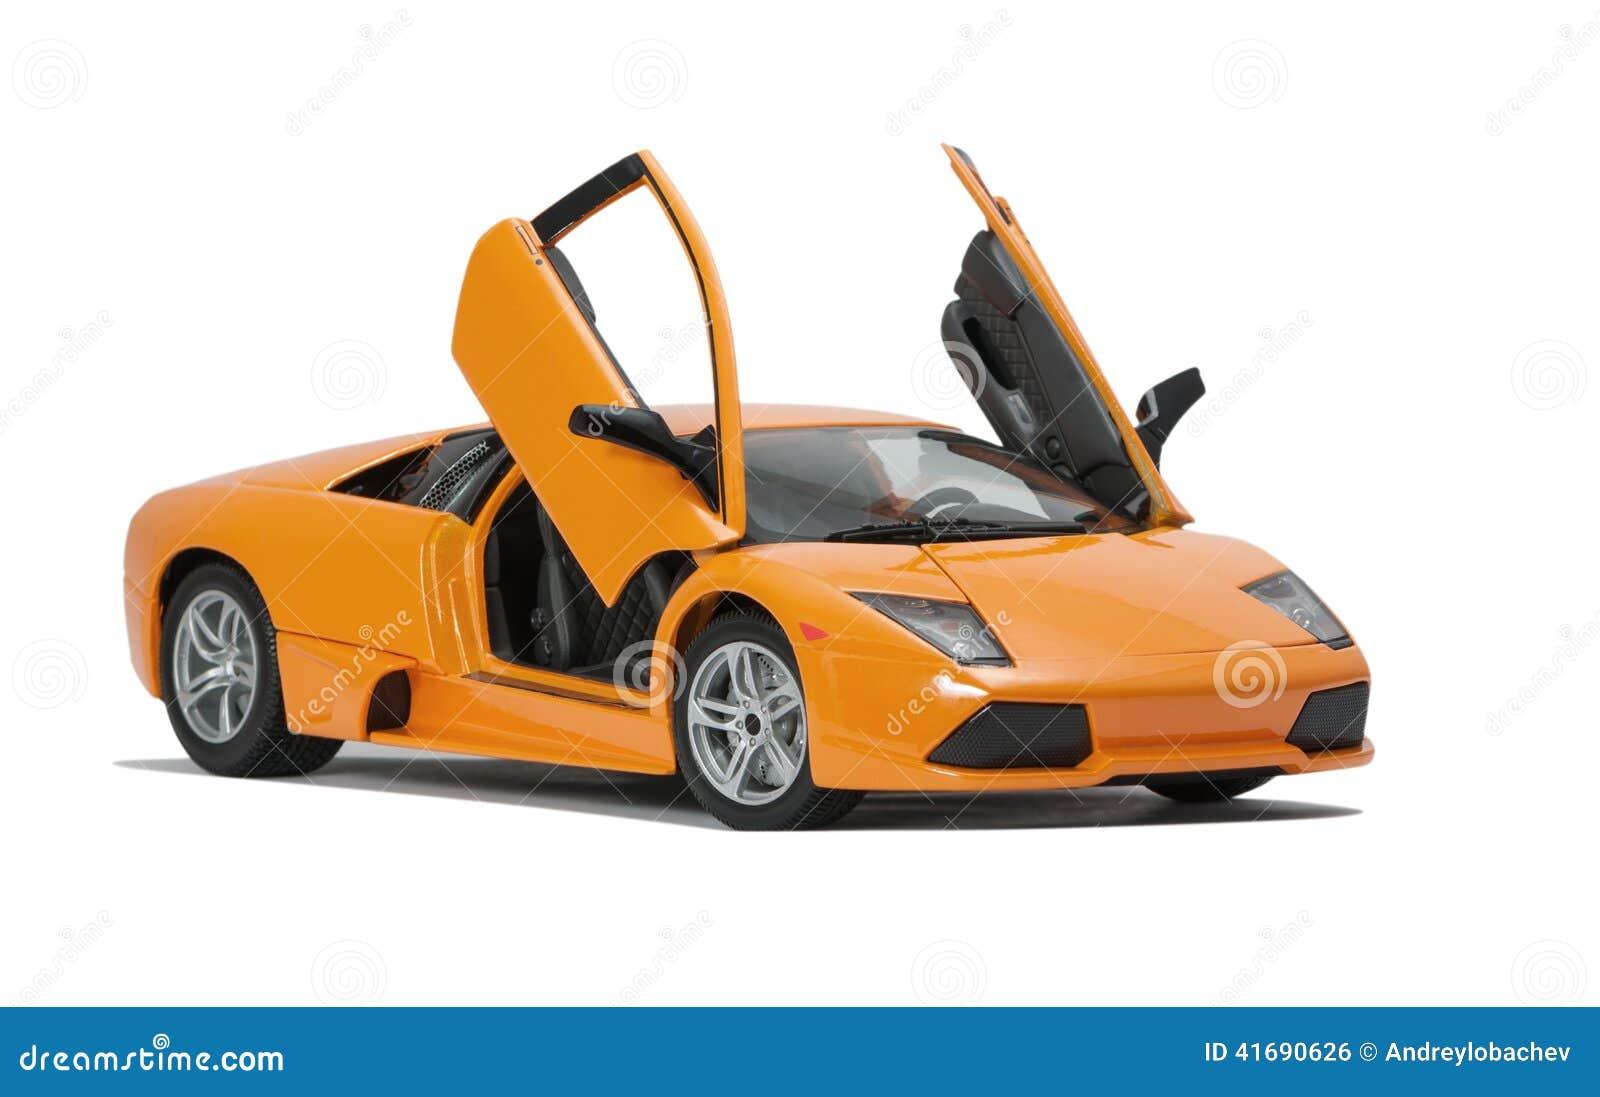 voiture de sport collectable de mod le de jouet photo stock image 41690626. Black Bedroom Furniture Sets. Home Design Ideas